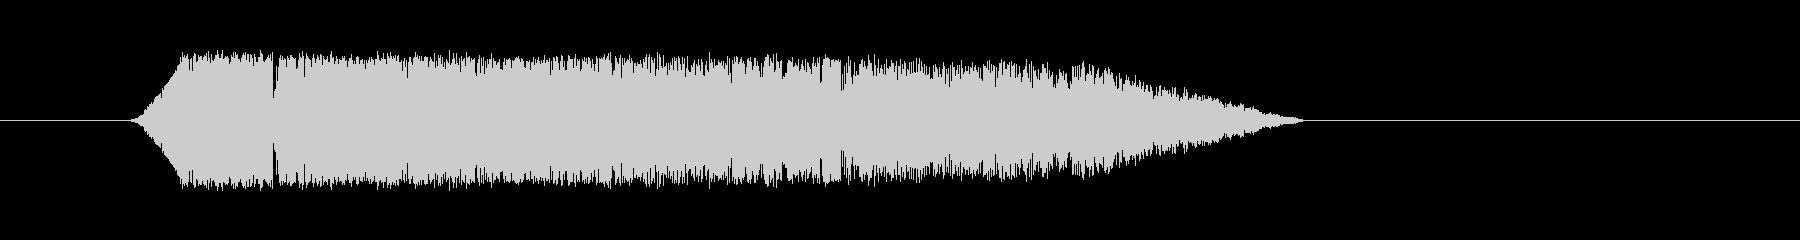 フォーリングボム、ホイッスル-ショ...の未再生の波形